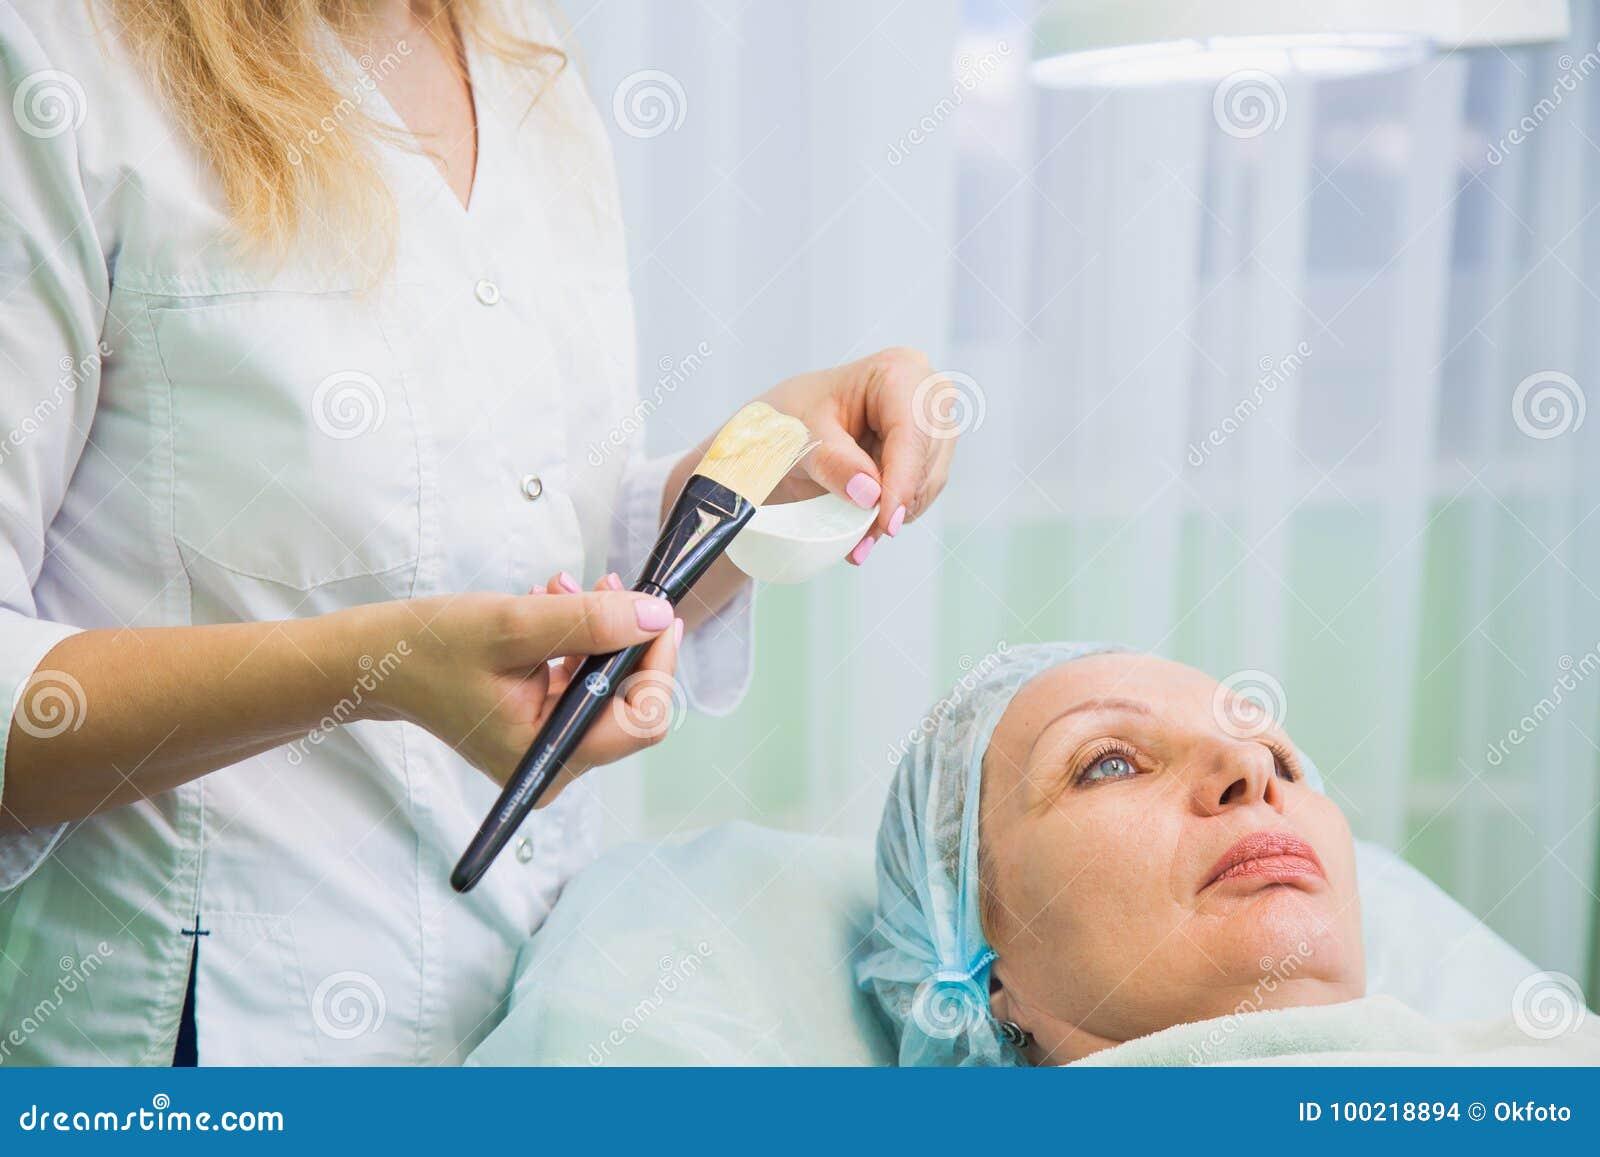 Cosmetologo che applica maschera sul fronte senior della donna